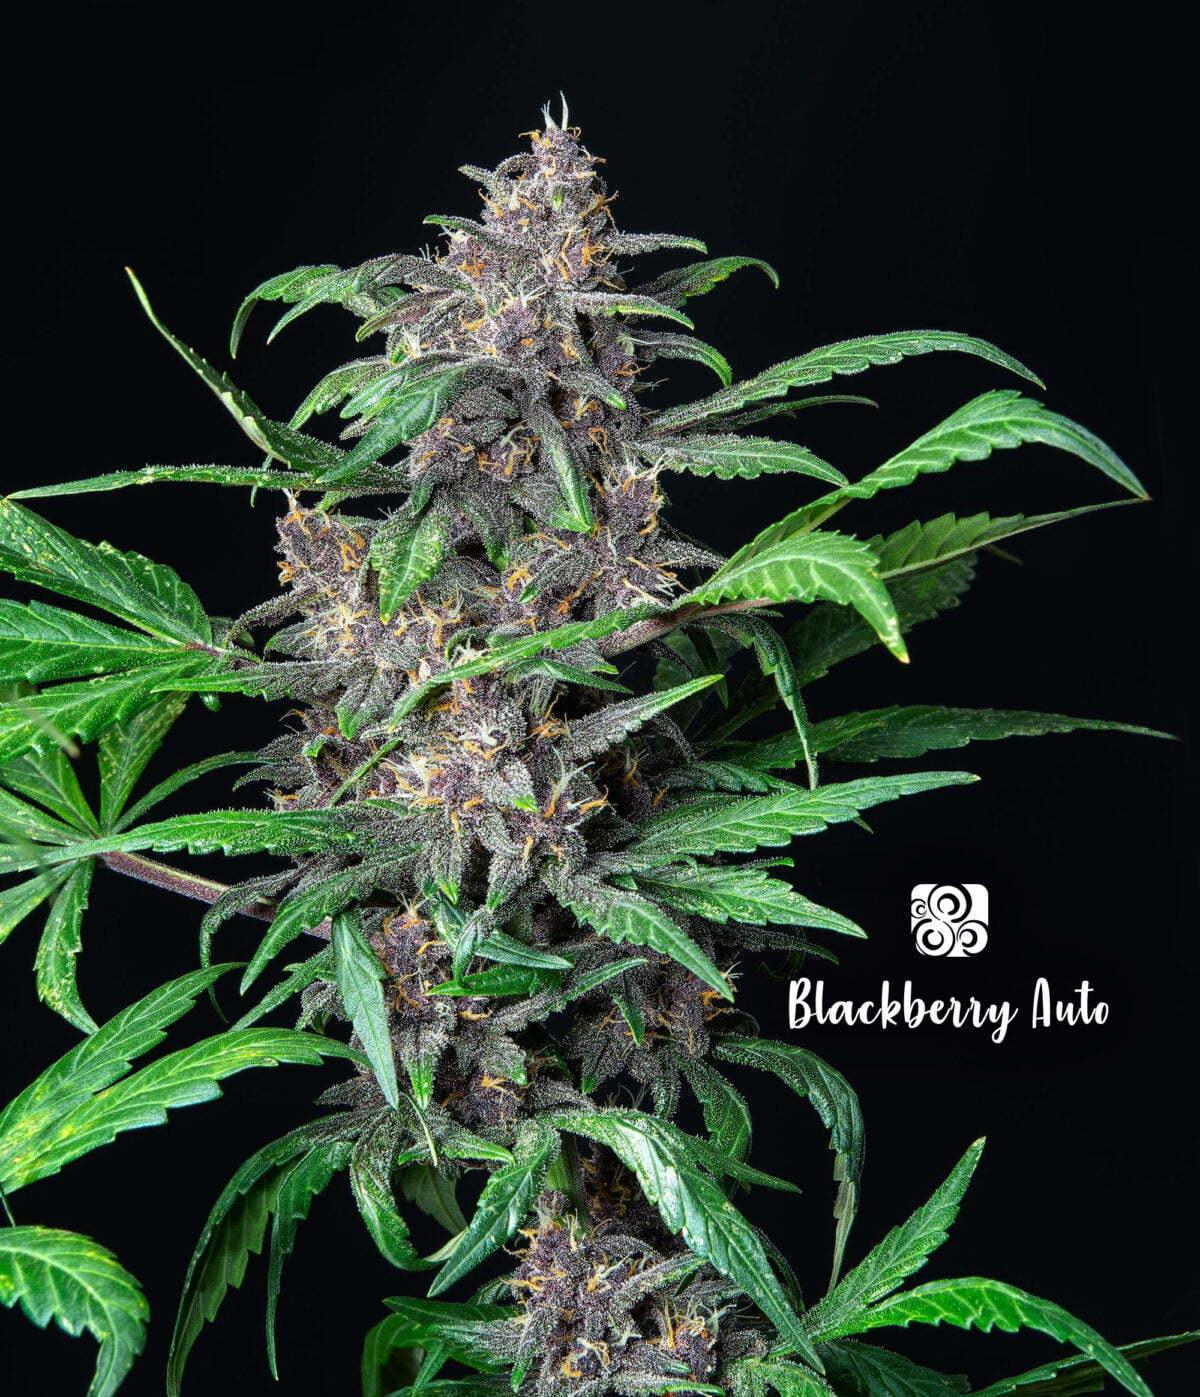 Blackberry Auto 1 1